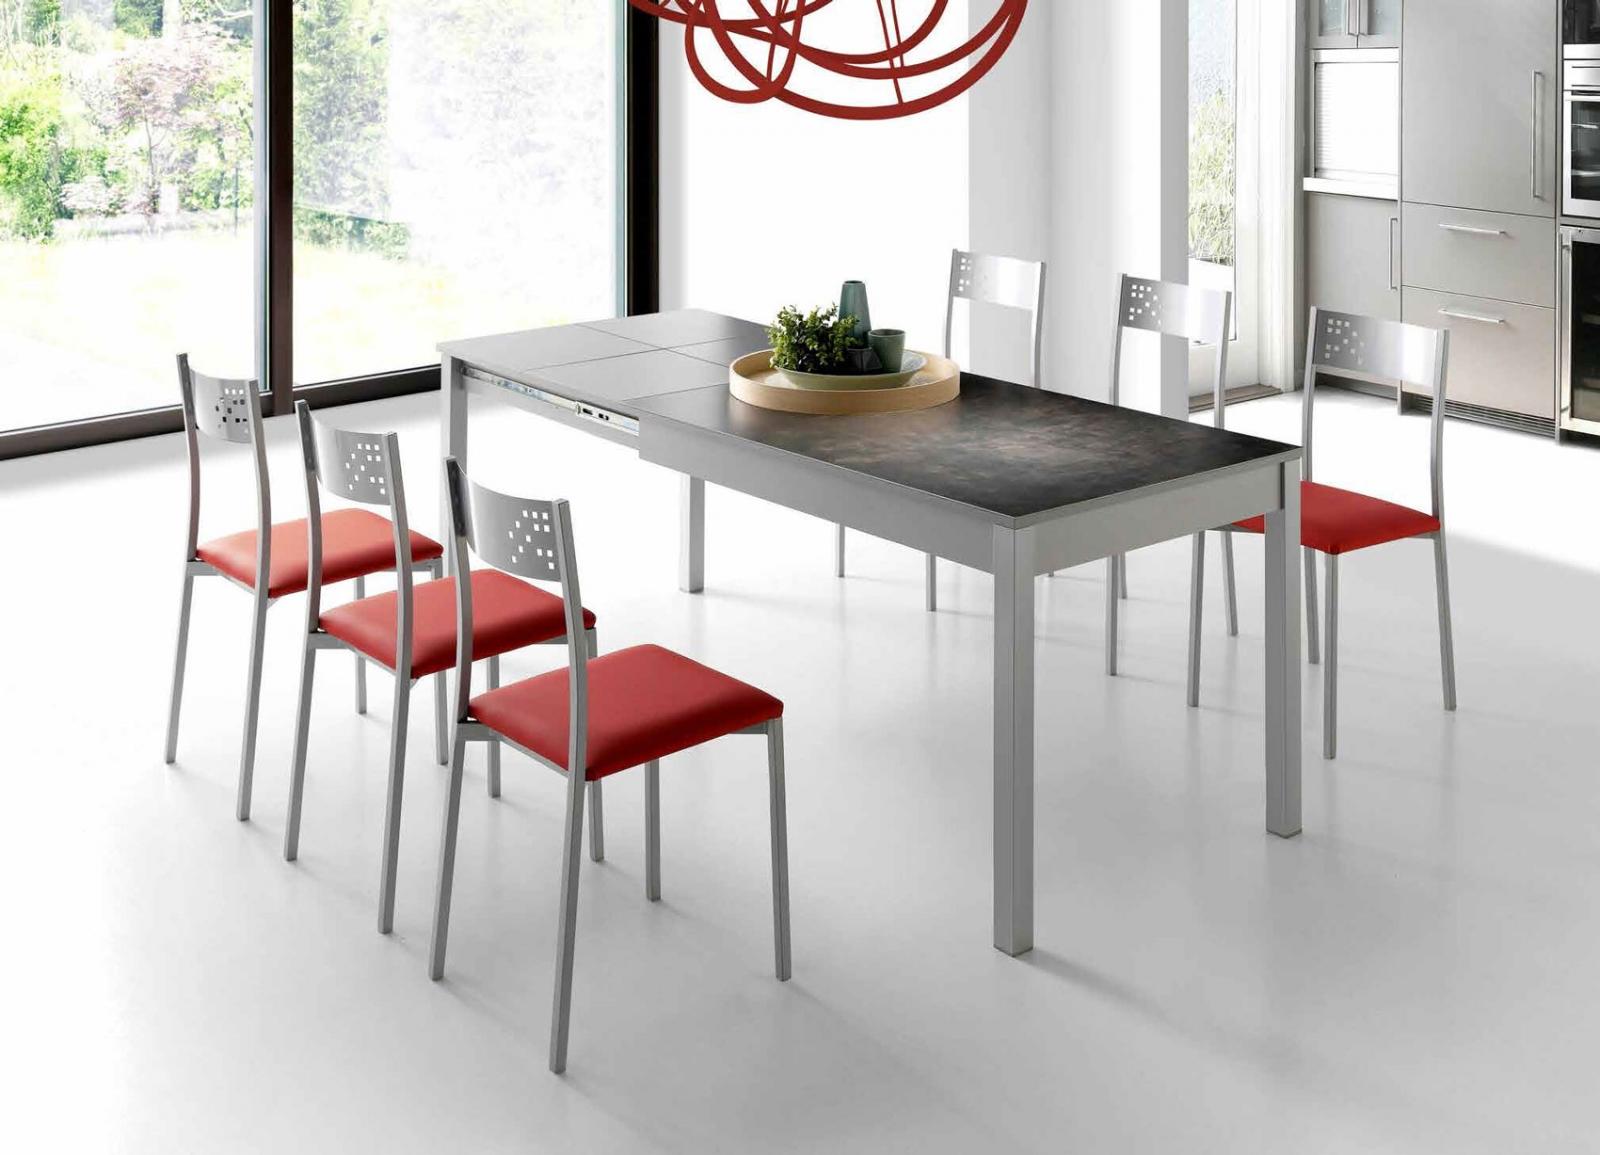 MESA DE COCINA EXTENSIBLE COIMBRA - Mesa de cocina con sobre porcelánico texturado. Extensible en un extremo mediante ala de madera laminada gris con 2 rangos de apertura